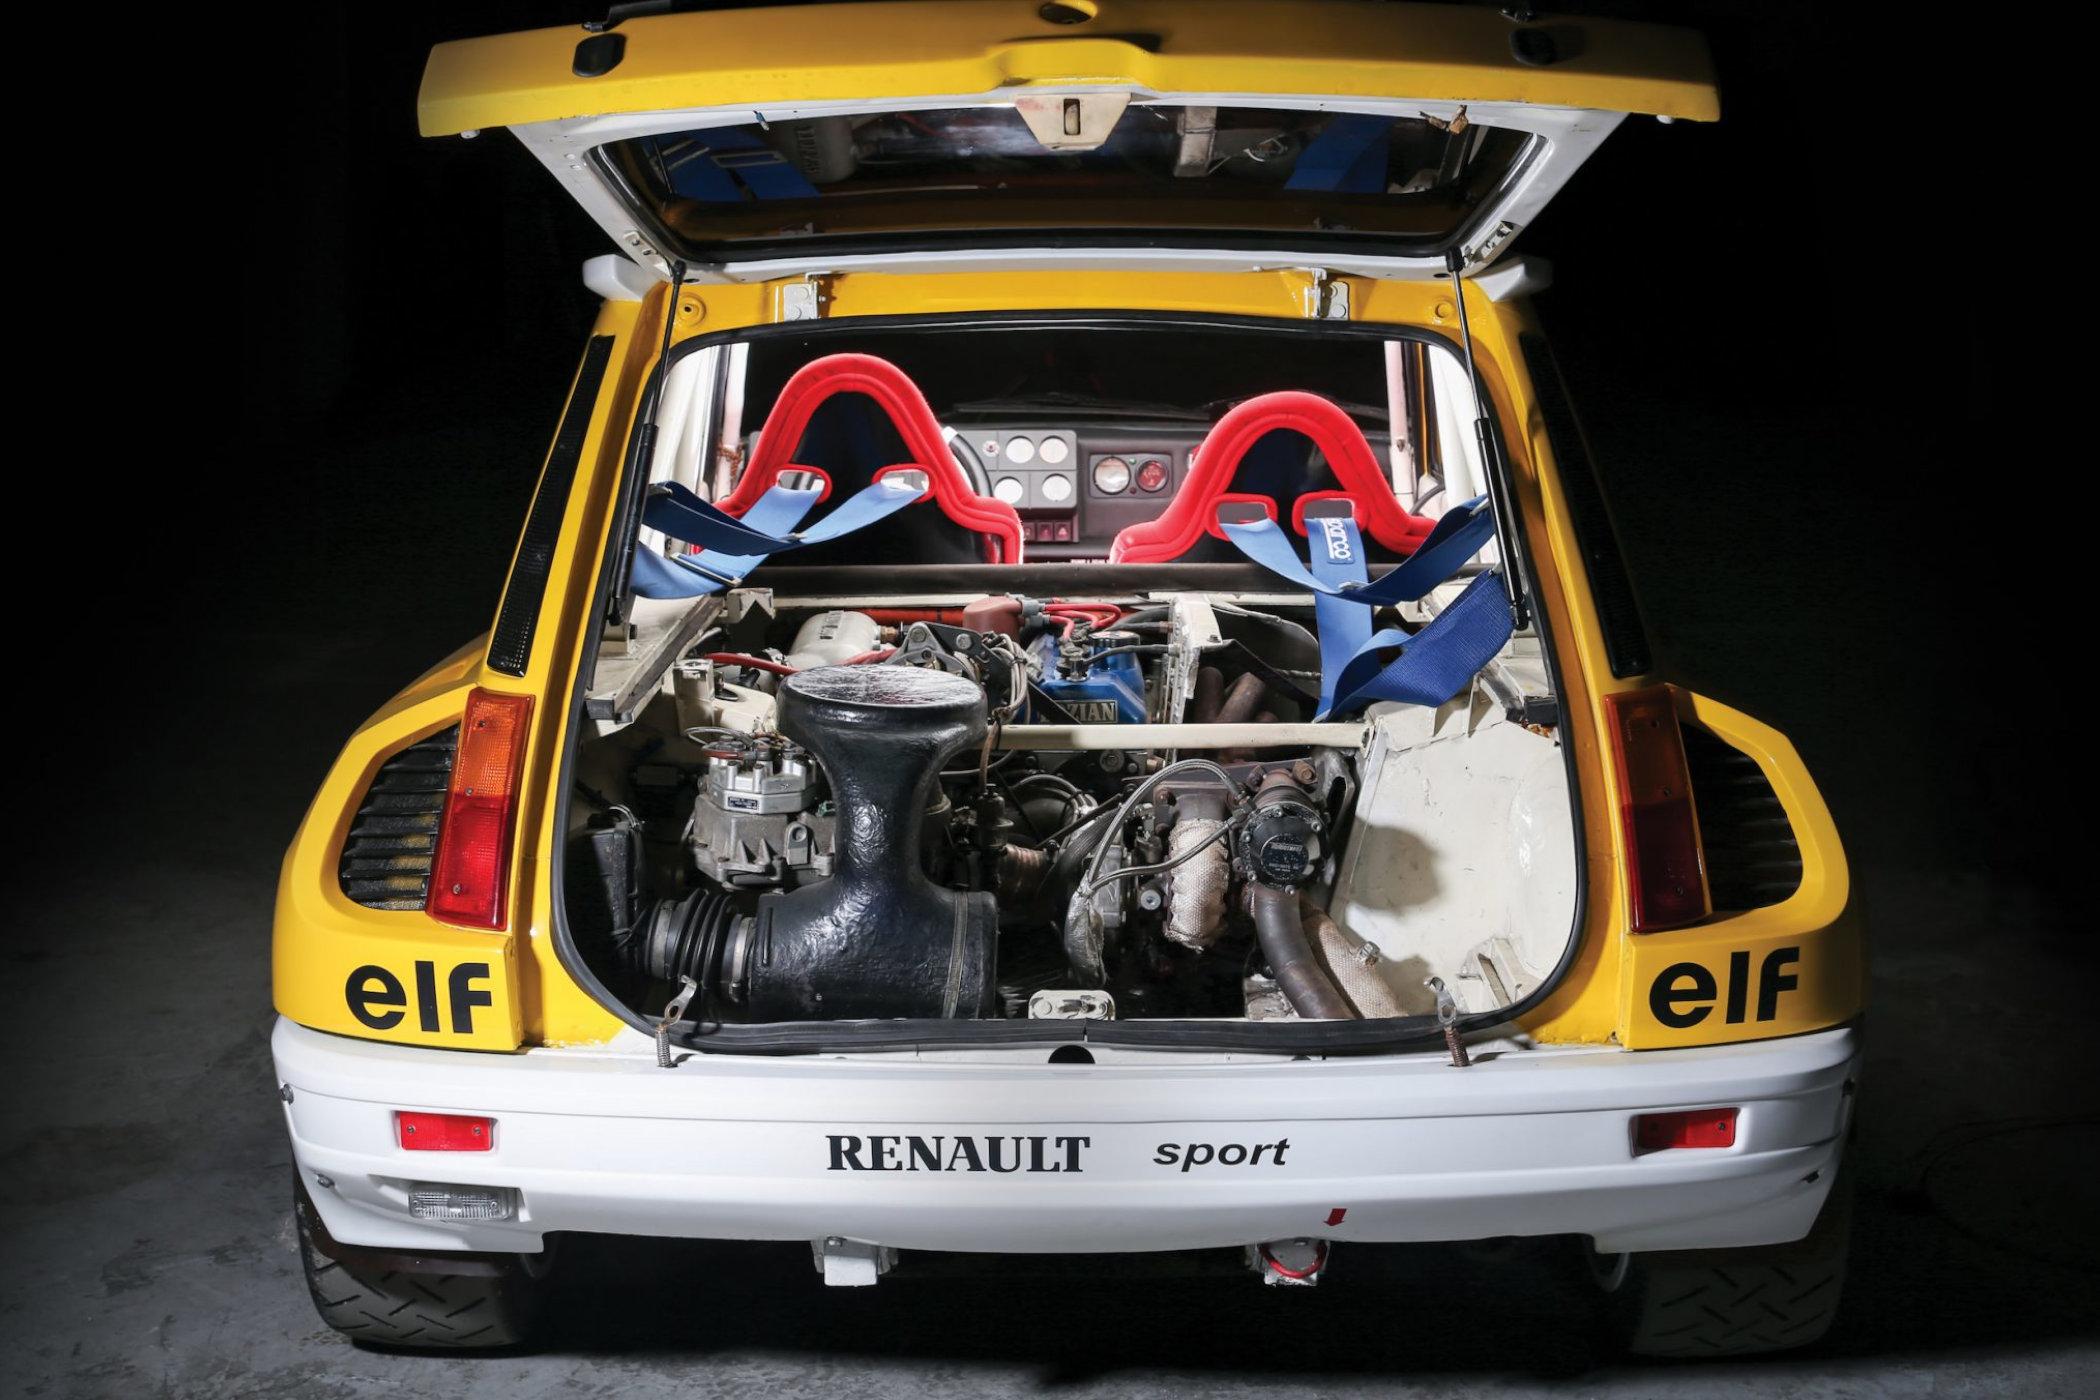 Renault 5 Maxi Turbo Group B Rally Car 4